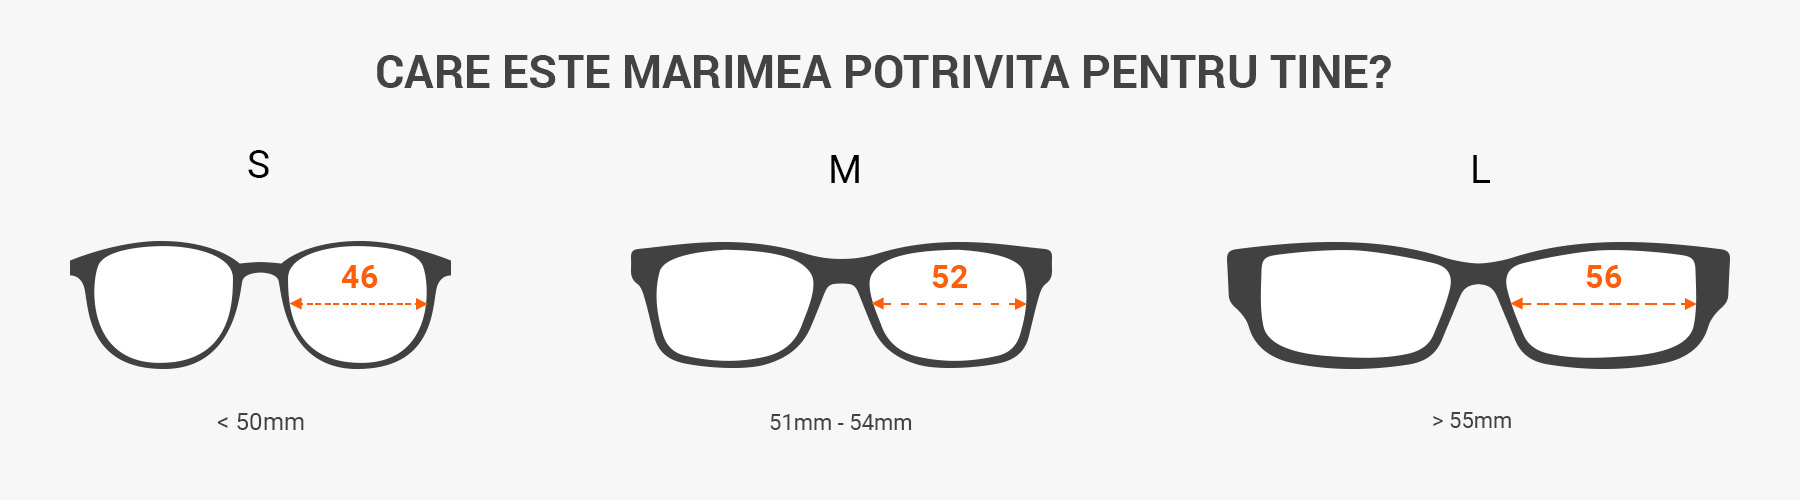 cum să citești măsurătorile ochelarilor de soare - Măsurați ochelarii de soare cu o riglă